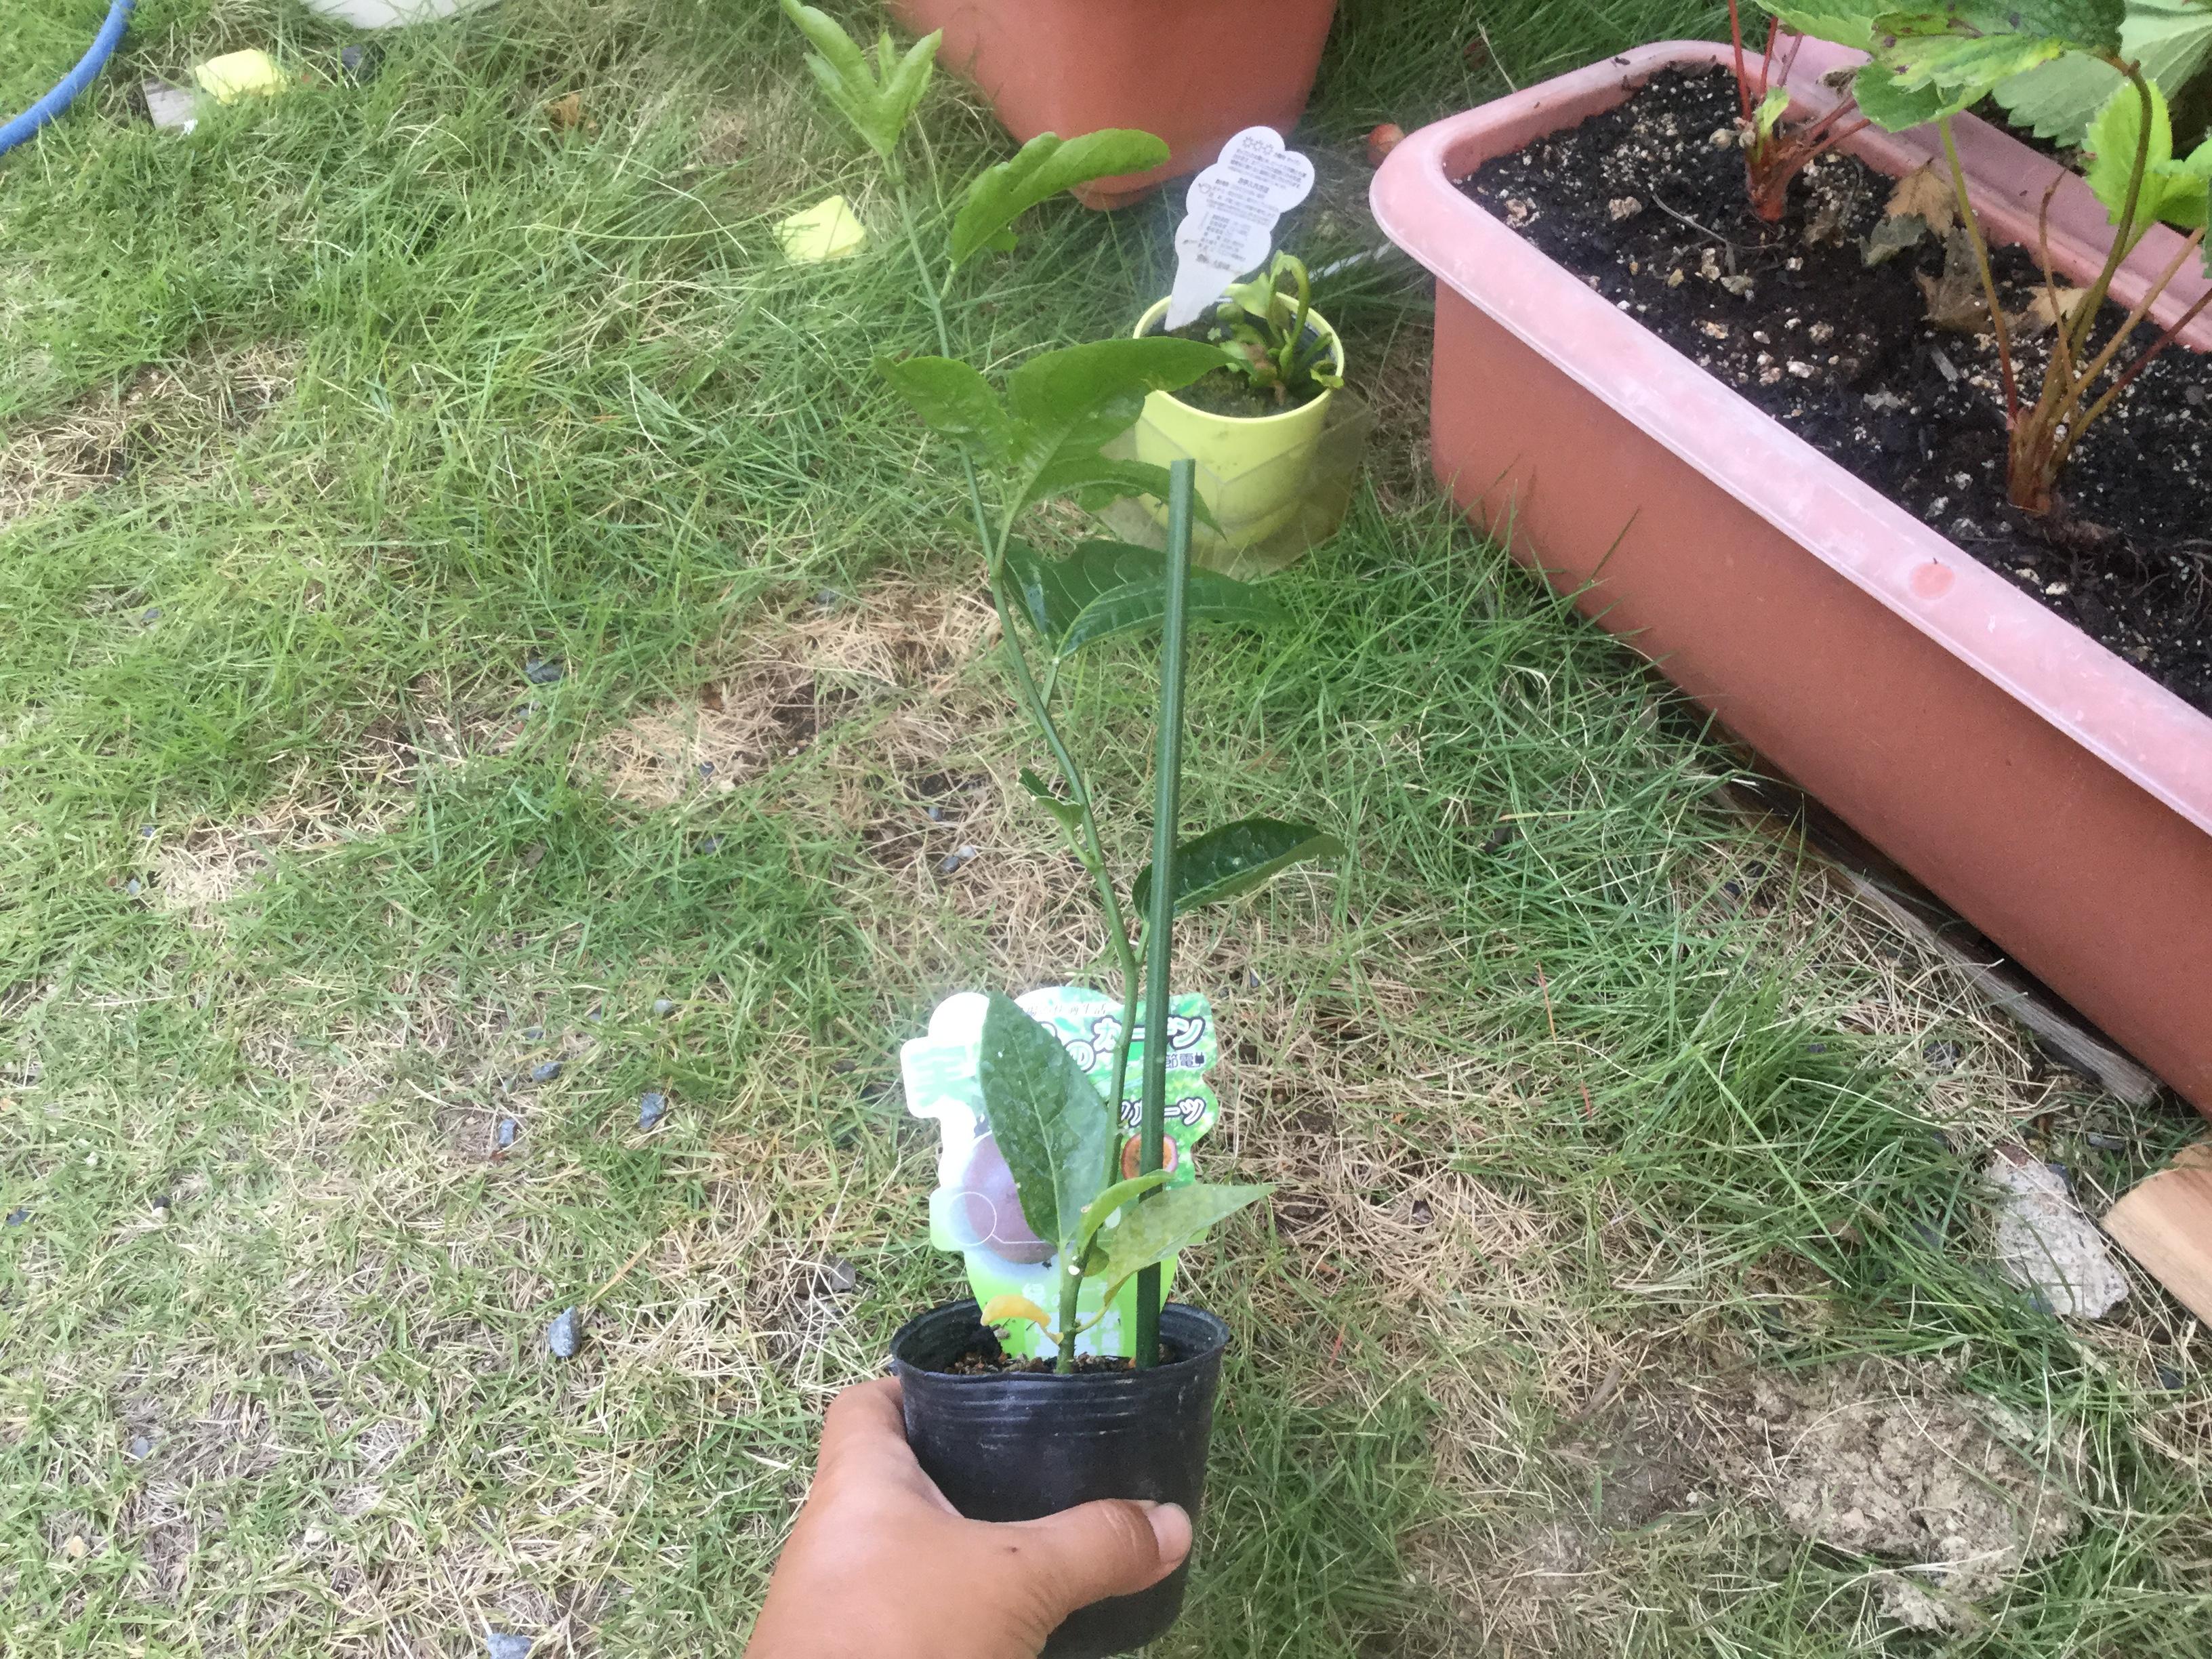 新しい植物に挑戦!これはよさそう!